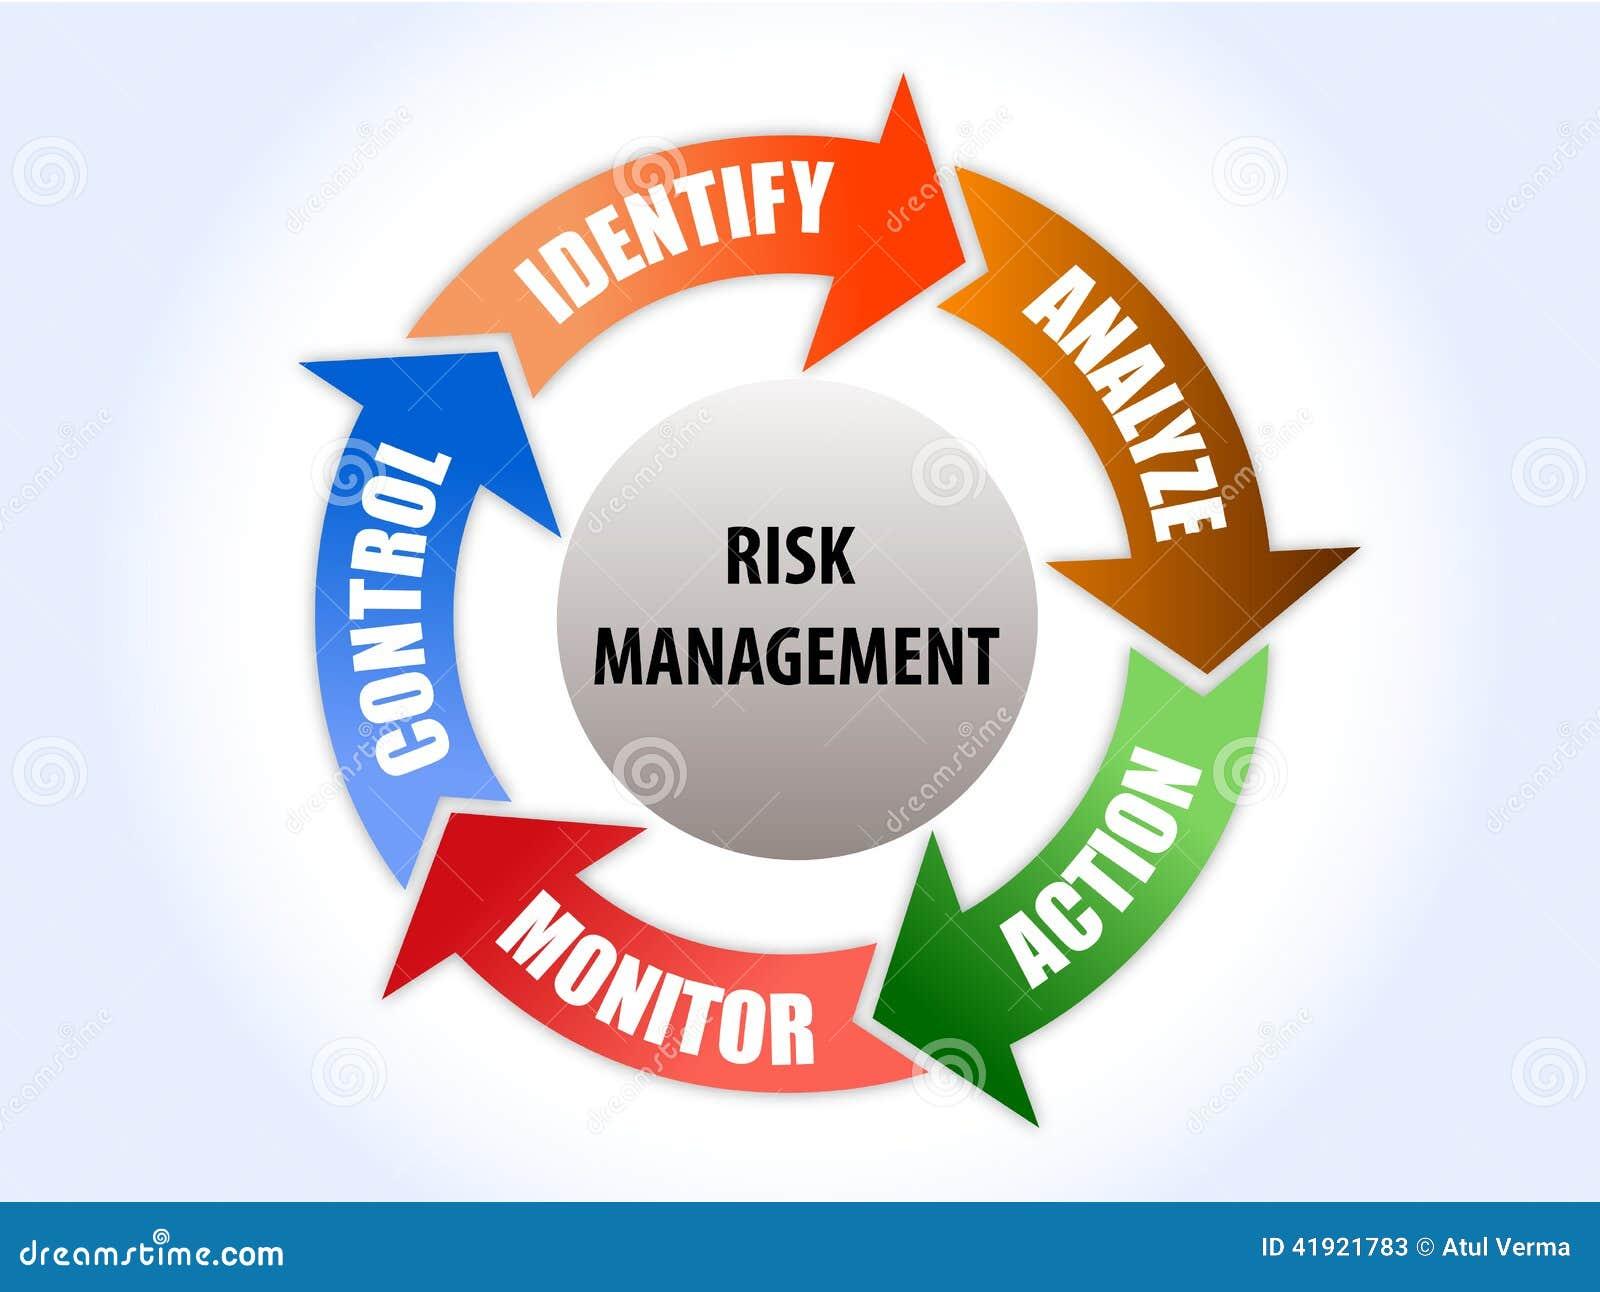 Diagrama de la gestión de riesgos con la solución de 5 pasos